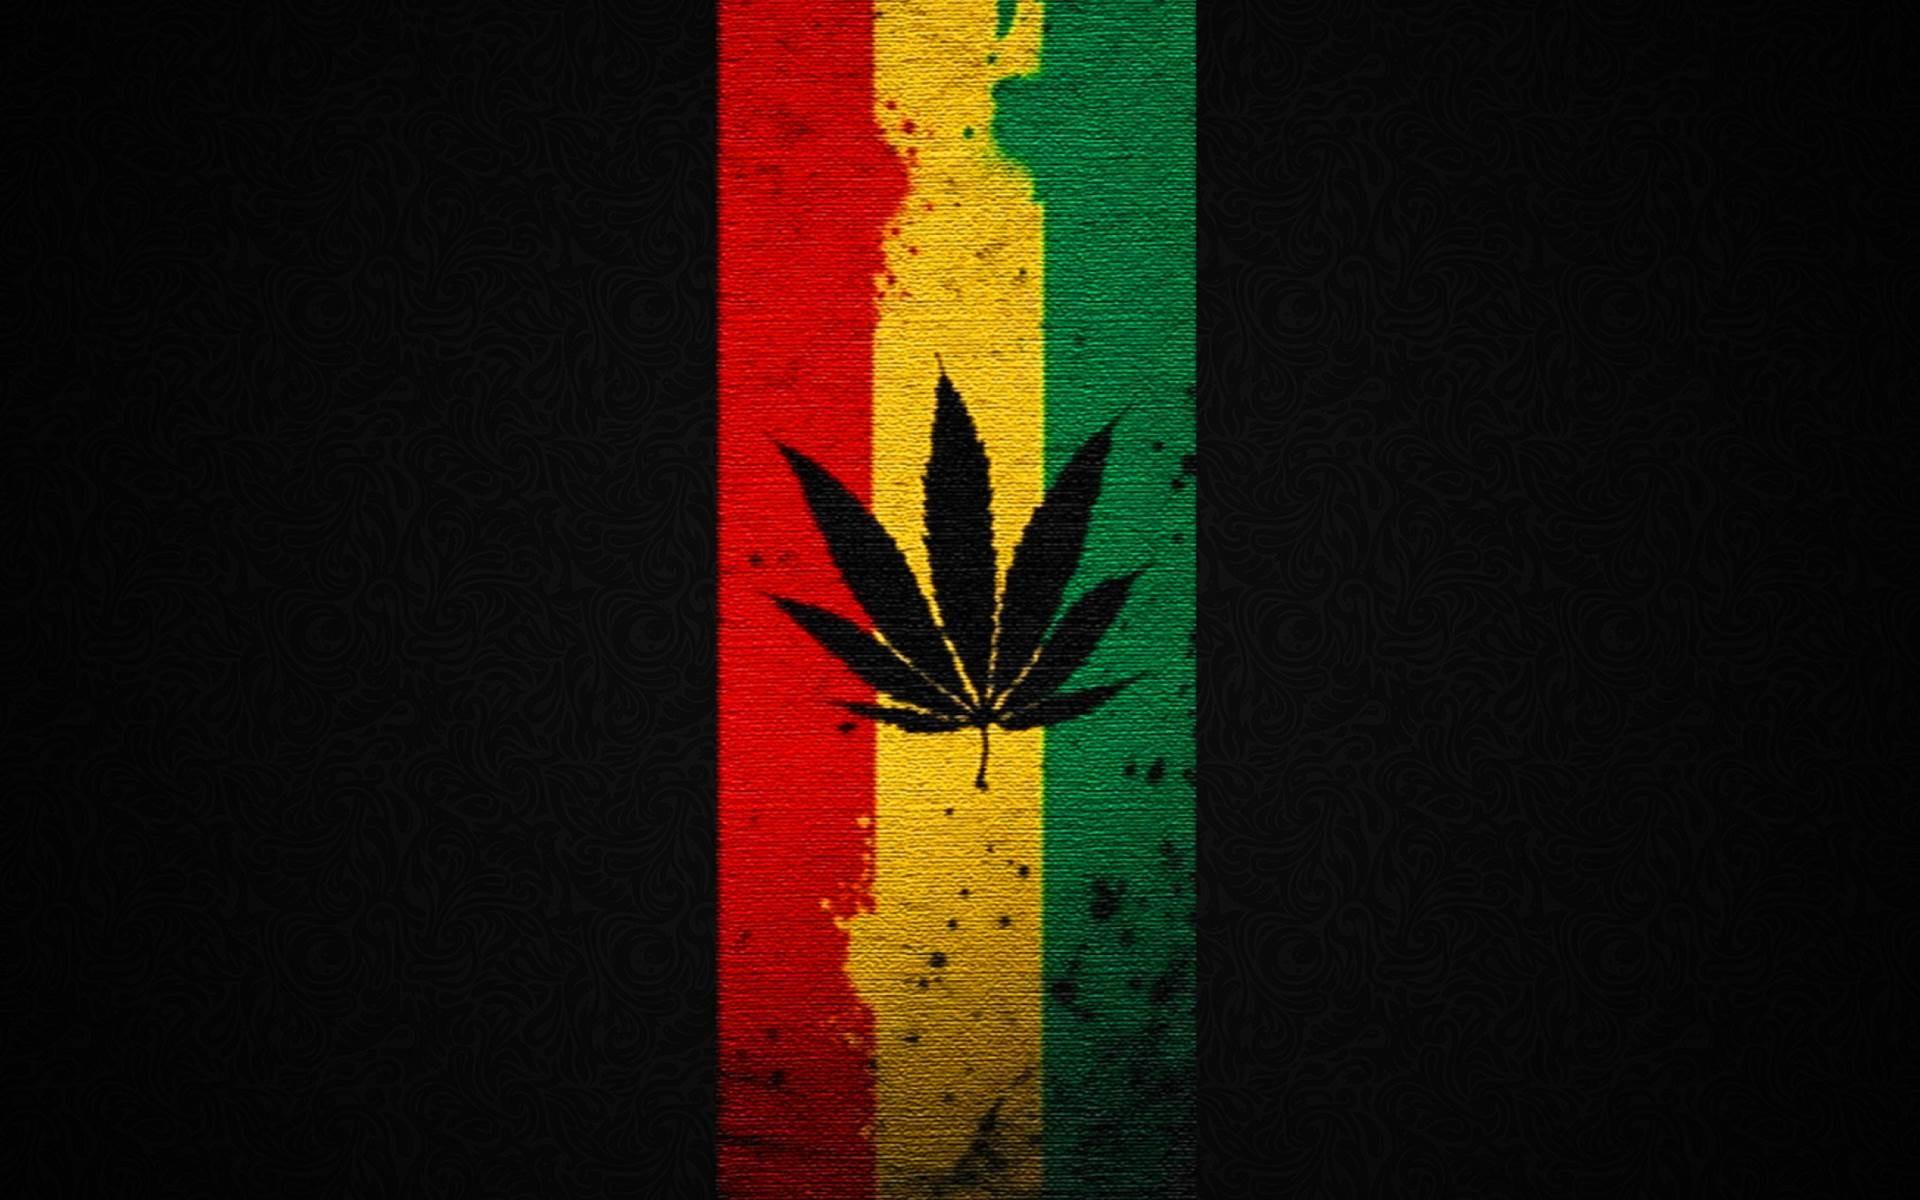 Reggae wallpaper 61 images - Reggae girl wallpaper ...